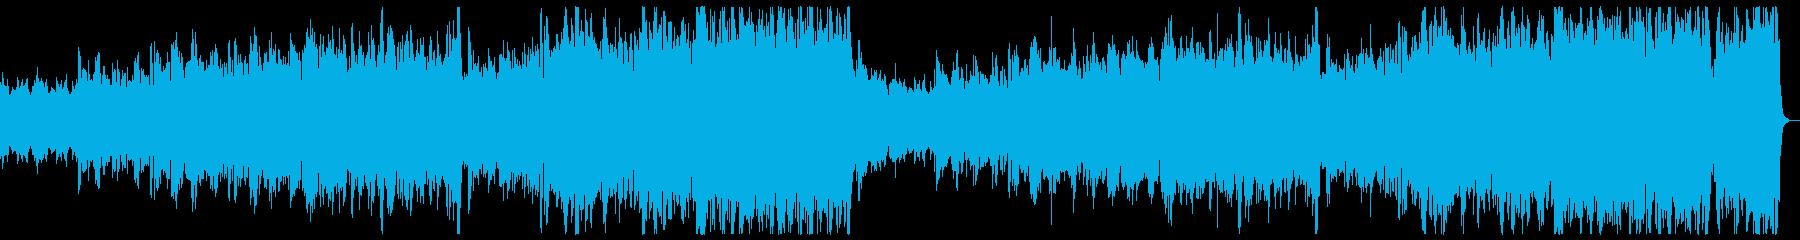 広がる希望のオーケストラ x2回の再生済みの波形